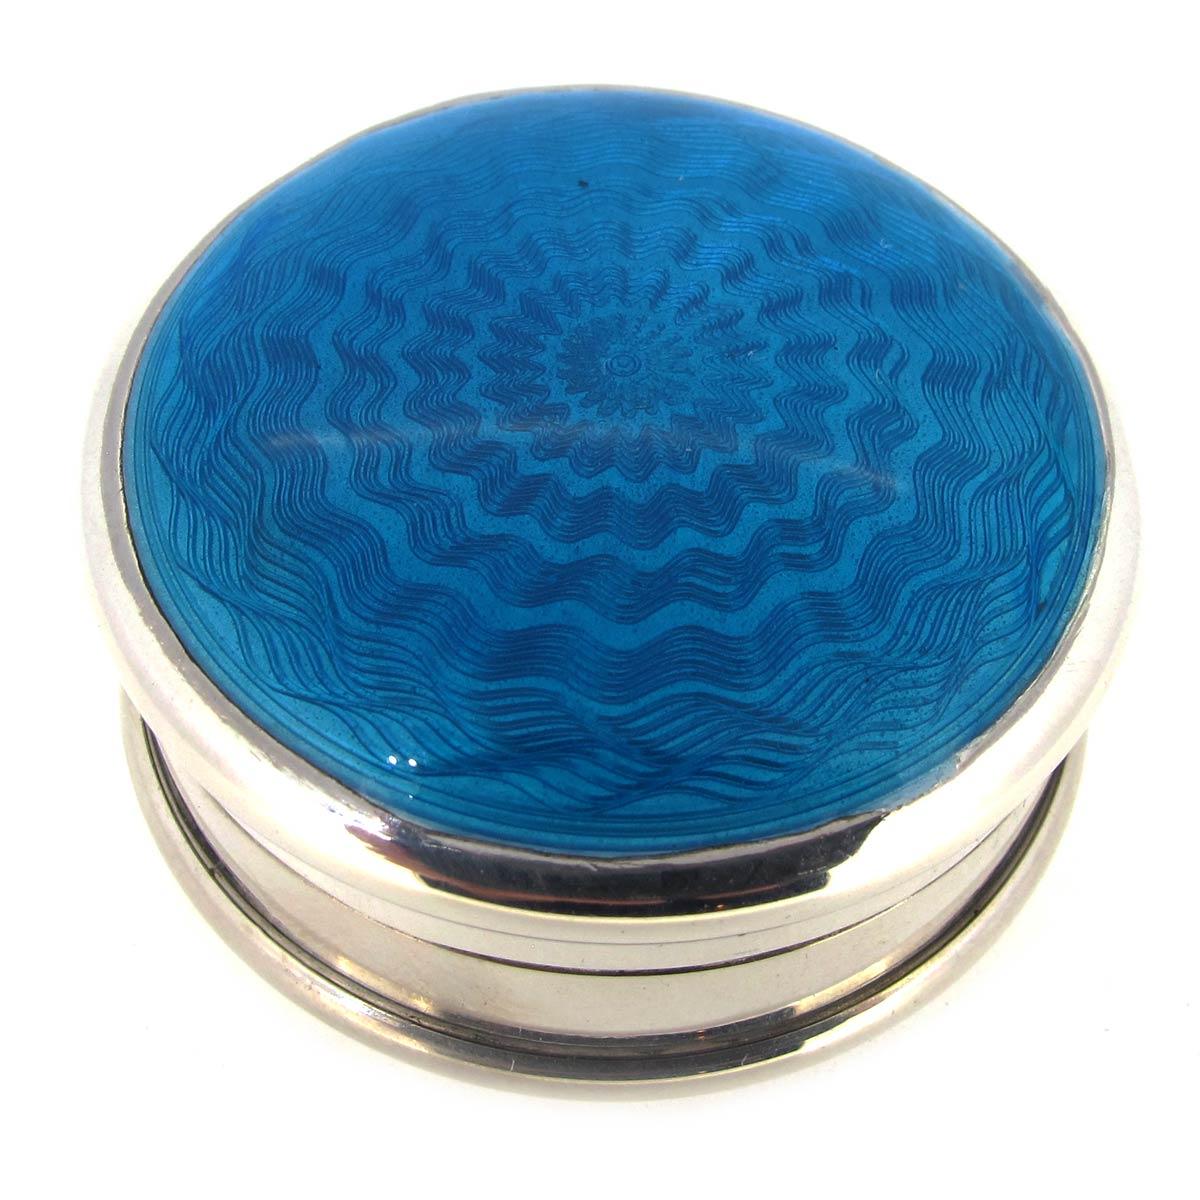 Silver & Blue Enamel Box